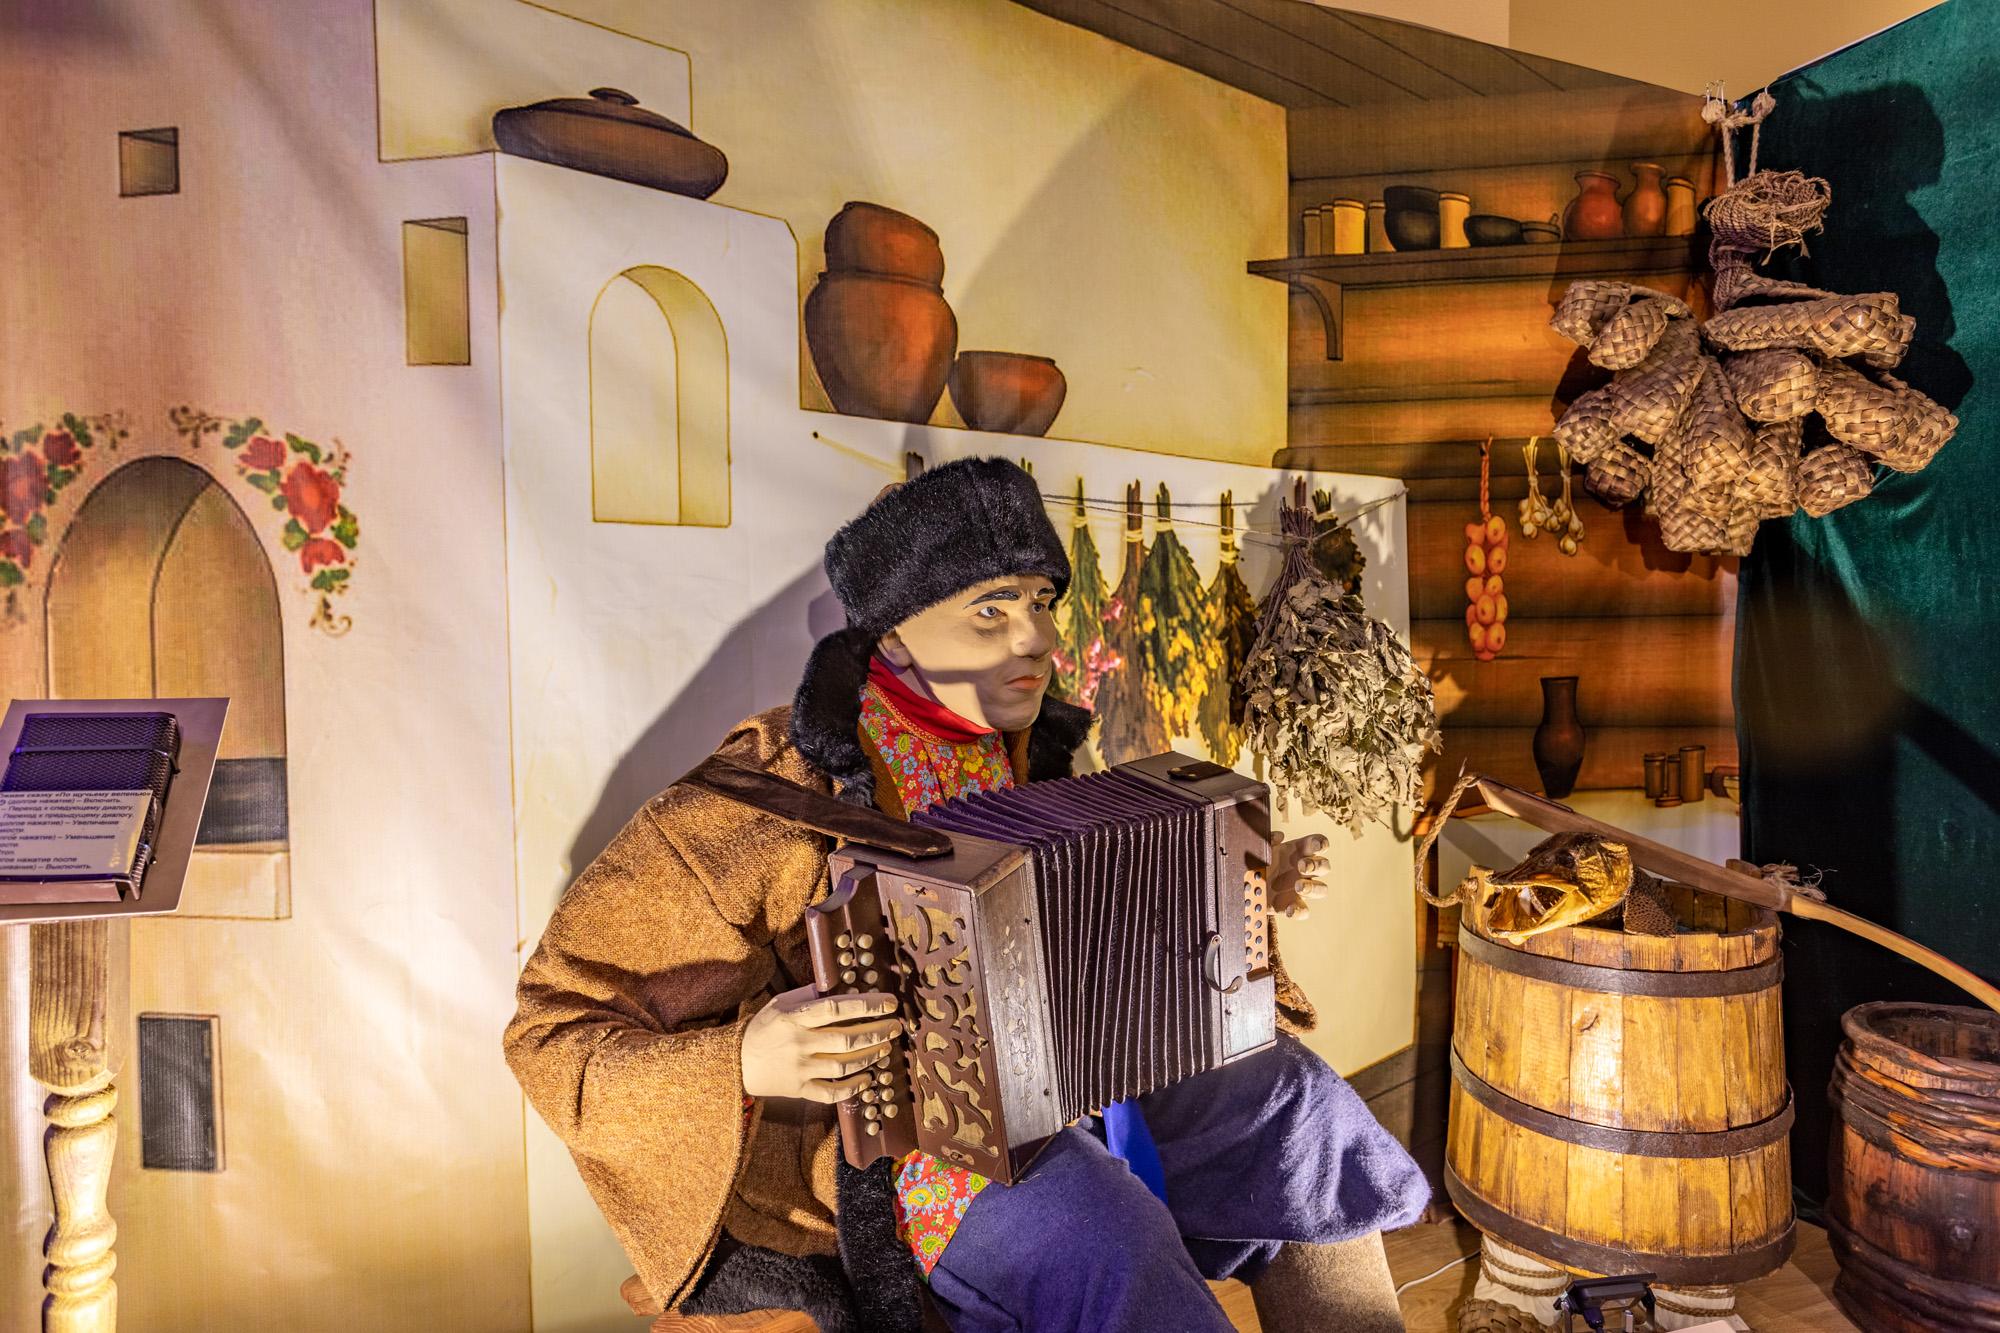 Интерактивная выставка «Сундук со сказками» открылась в арзамасском Литературно-мемориальном музее А.П. Гайдара